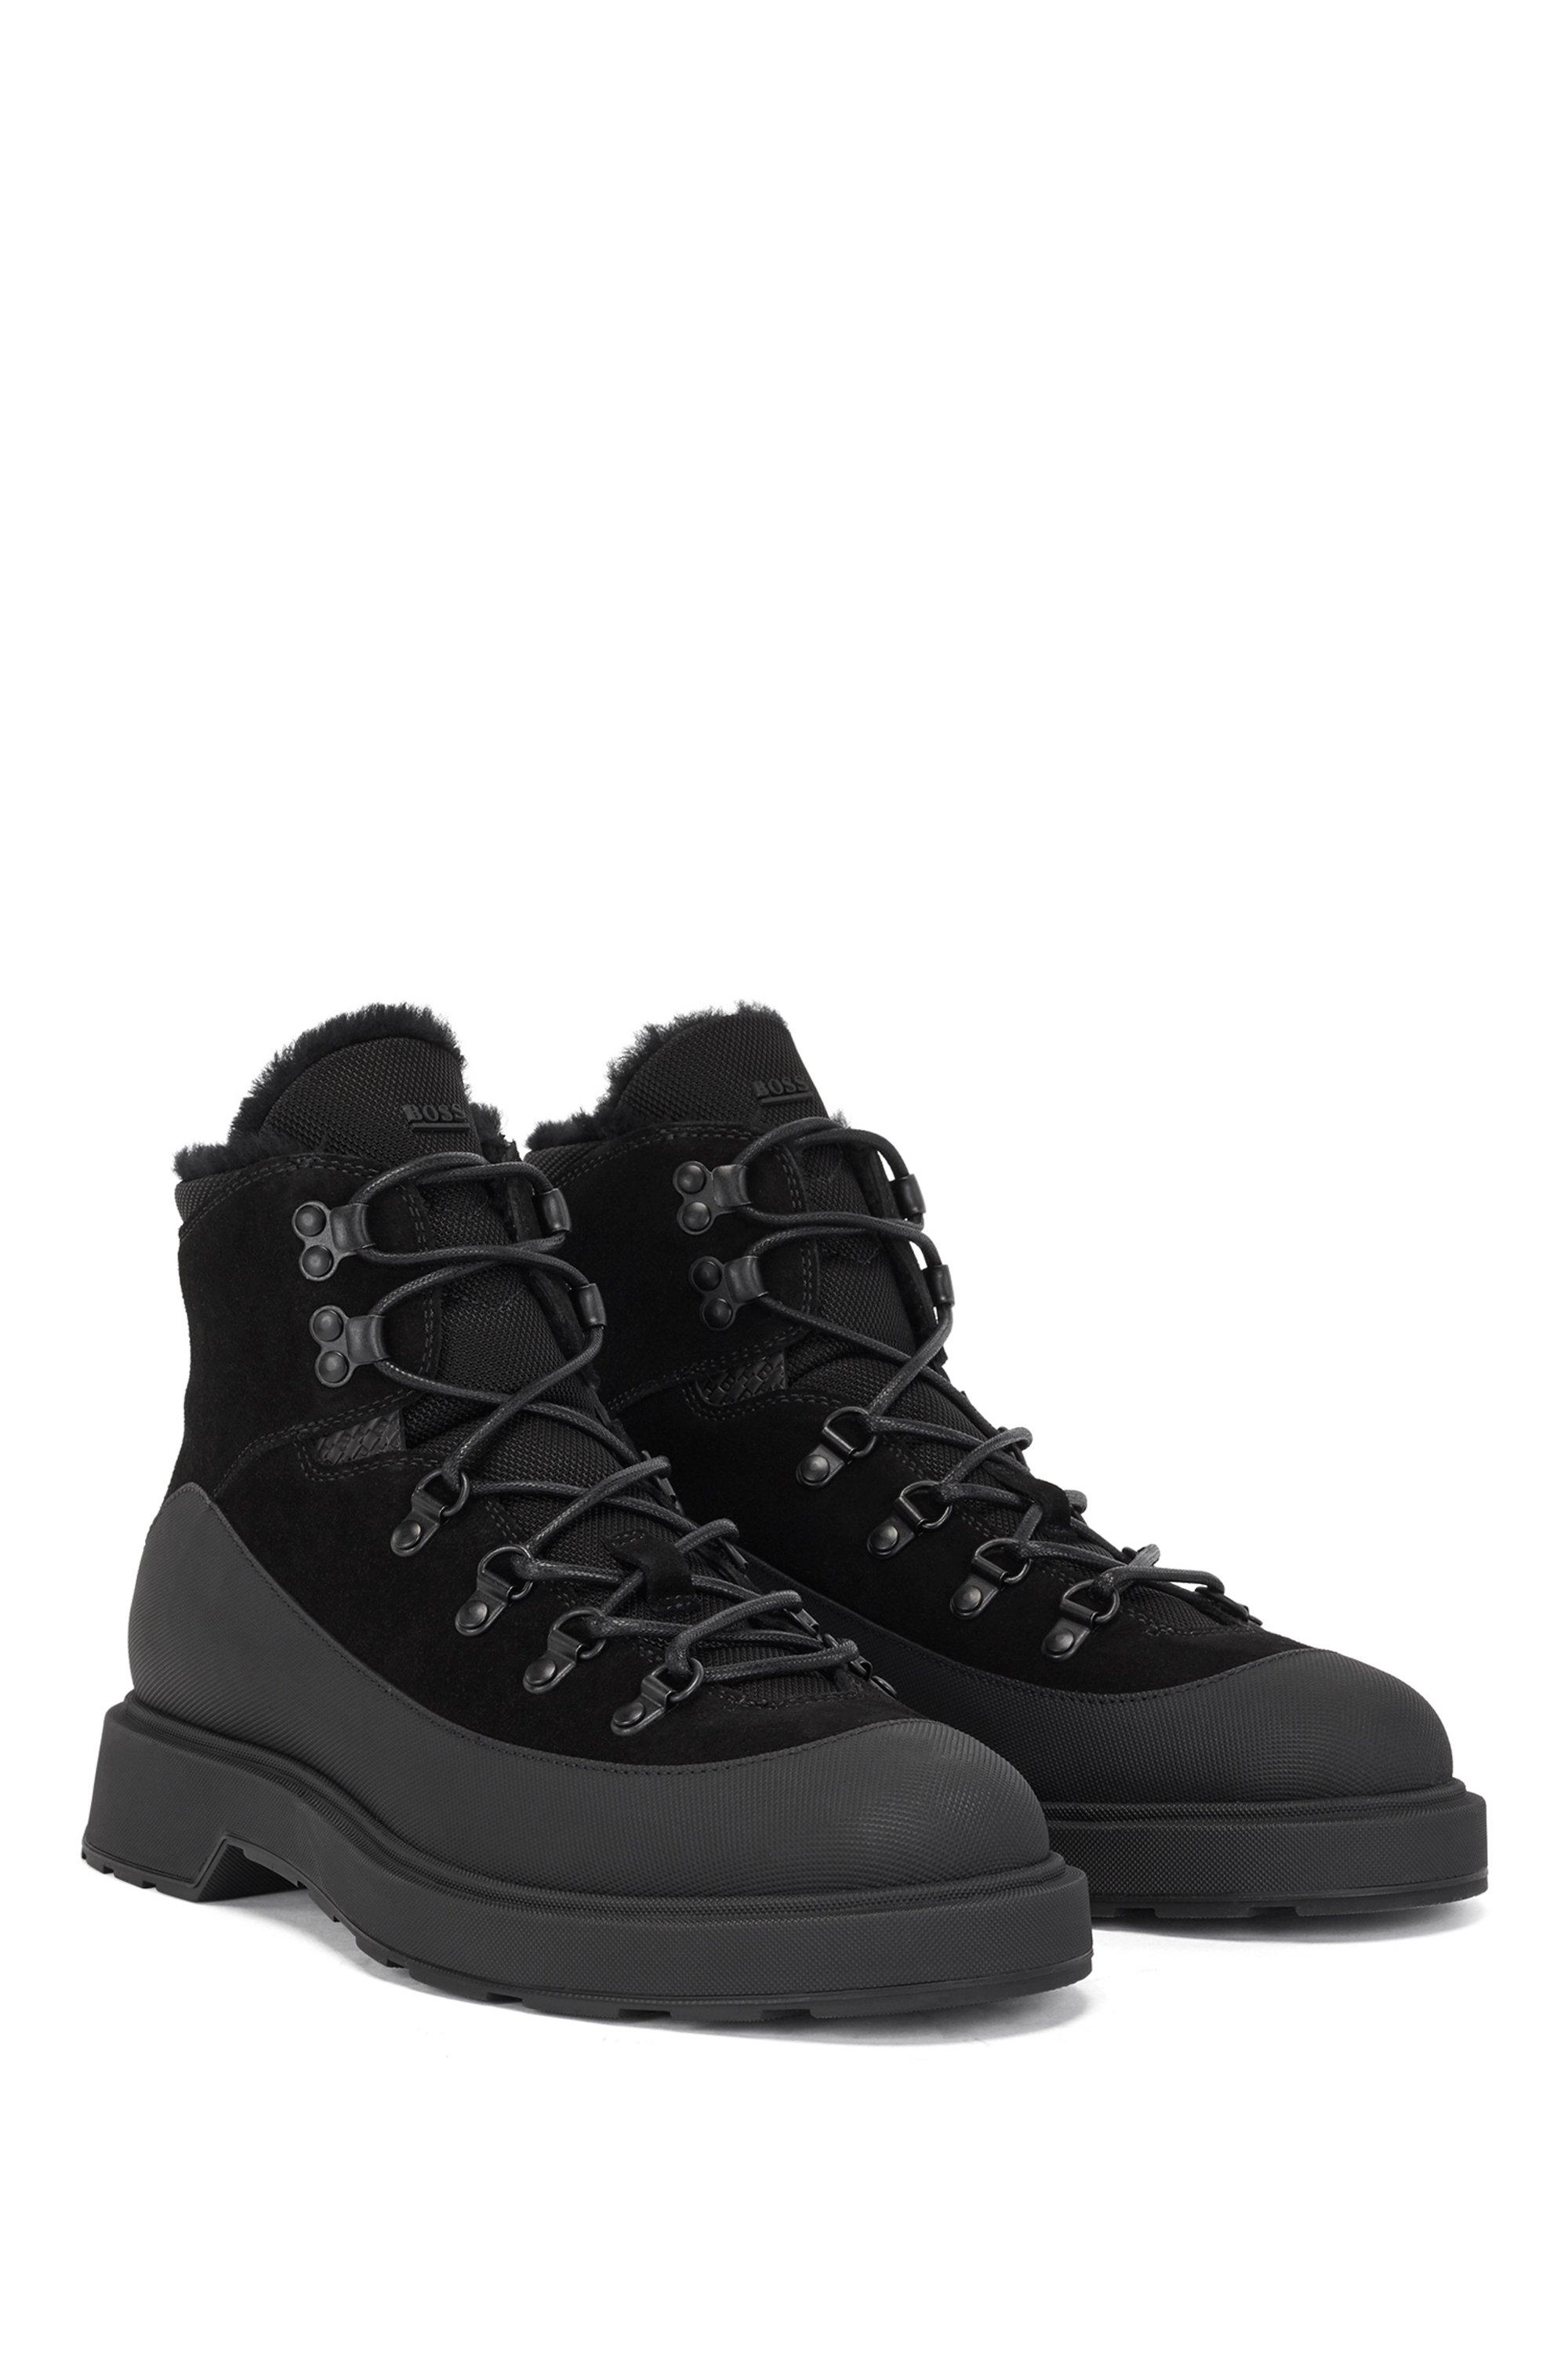 Boots inspirées des chaussures de randonnée, en cuir mélangé